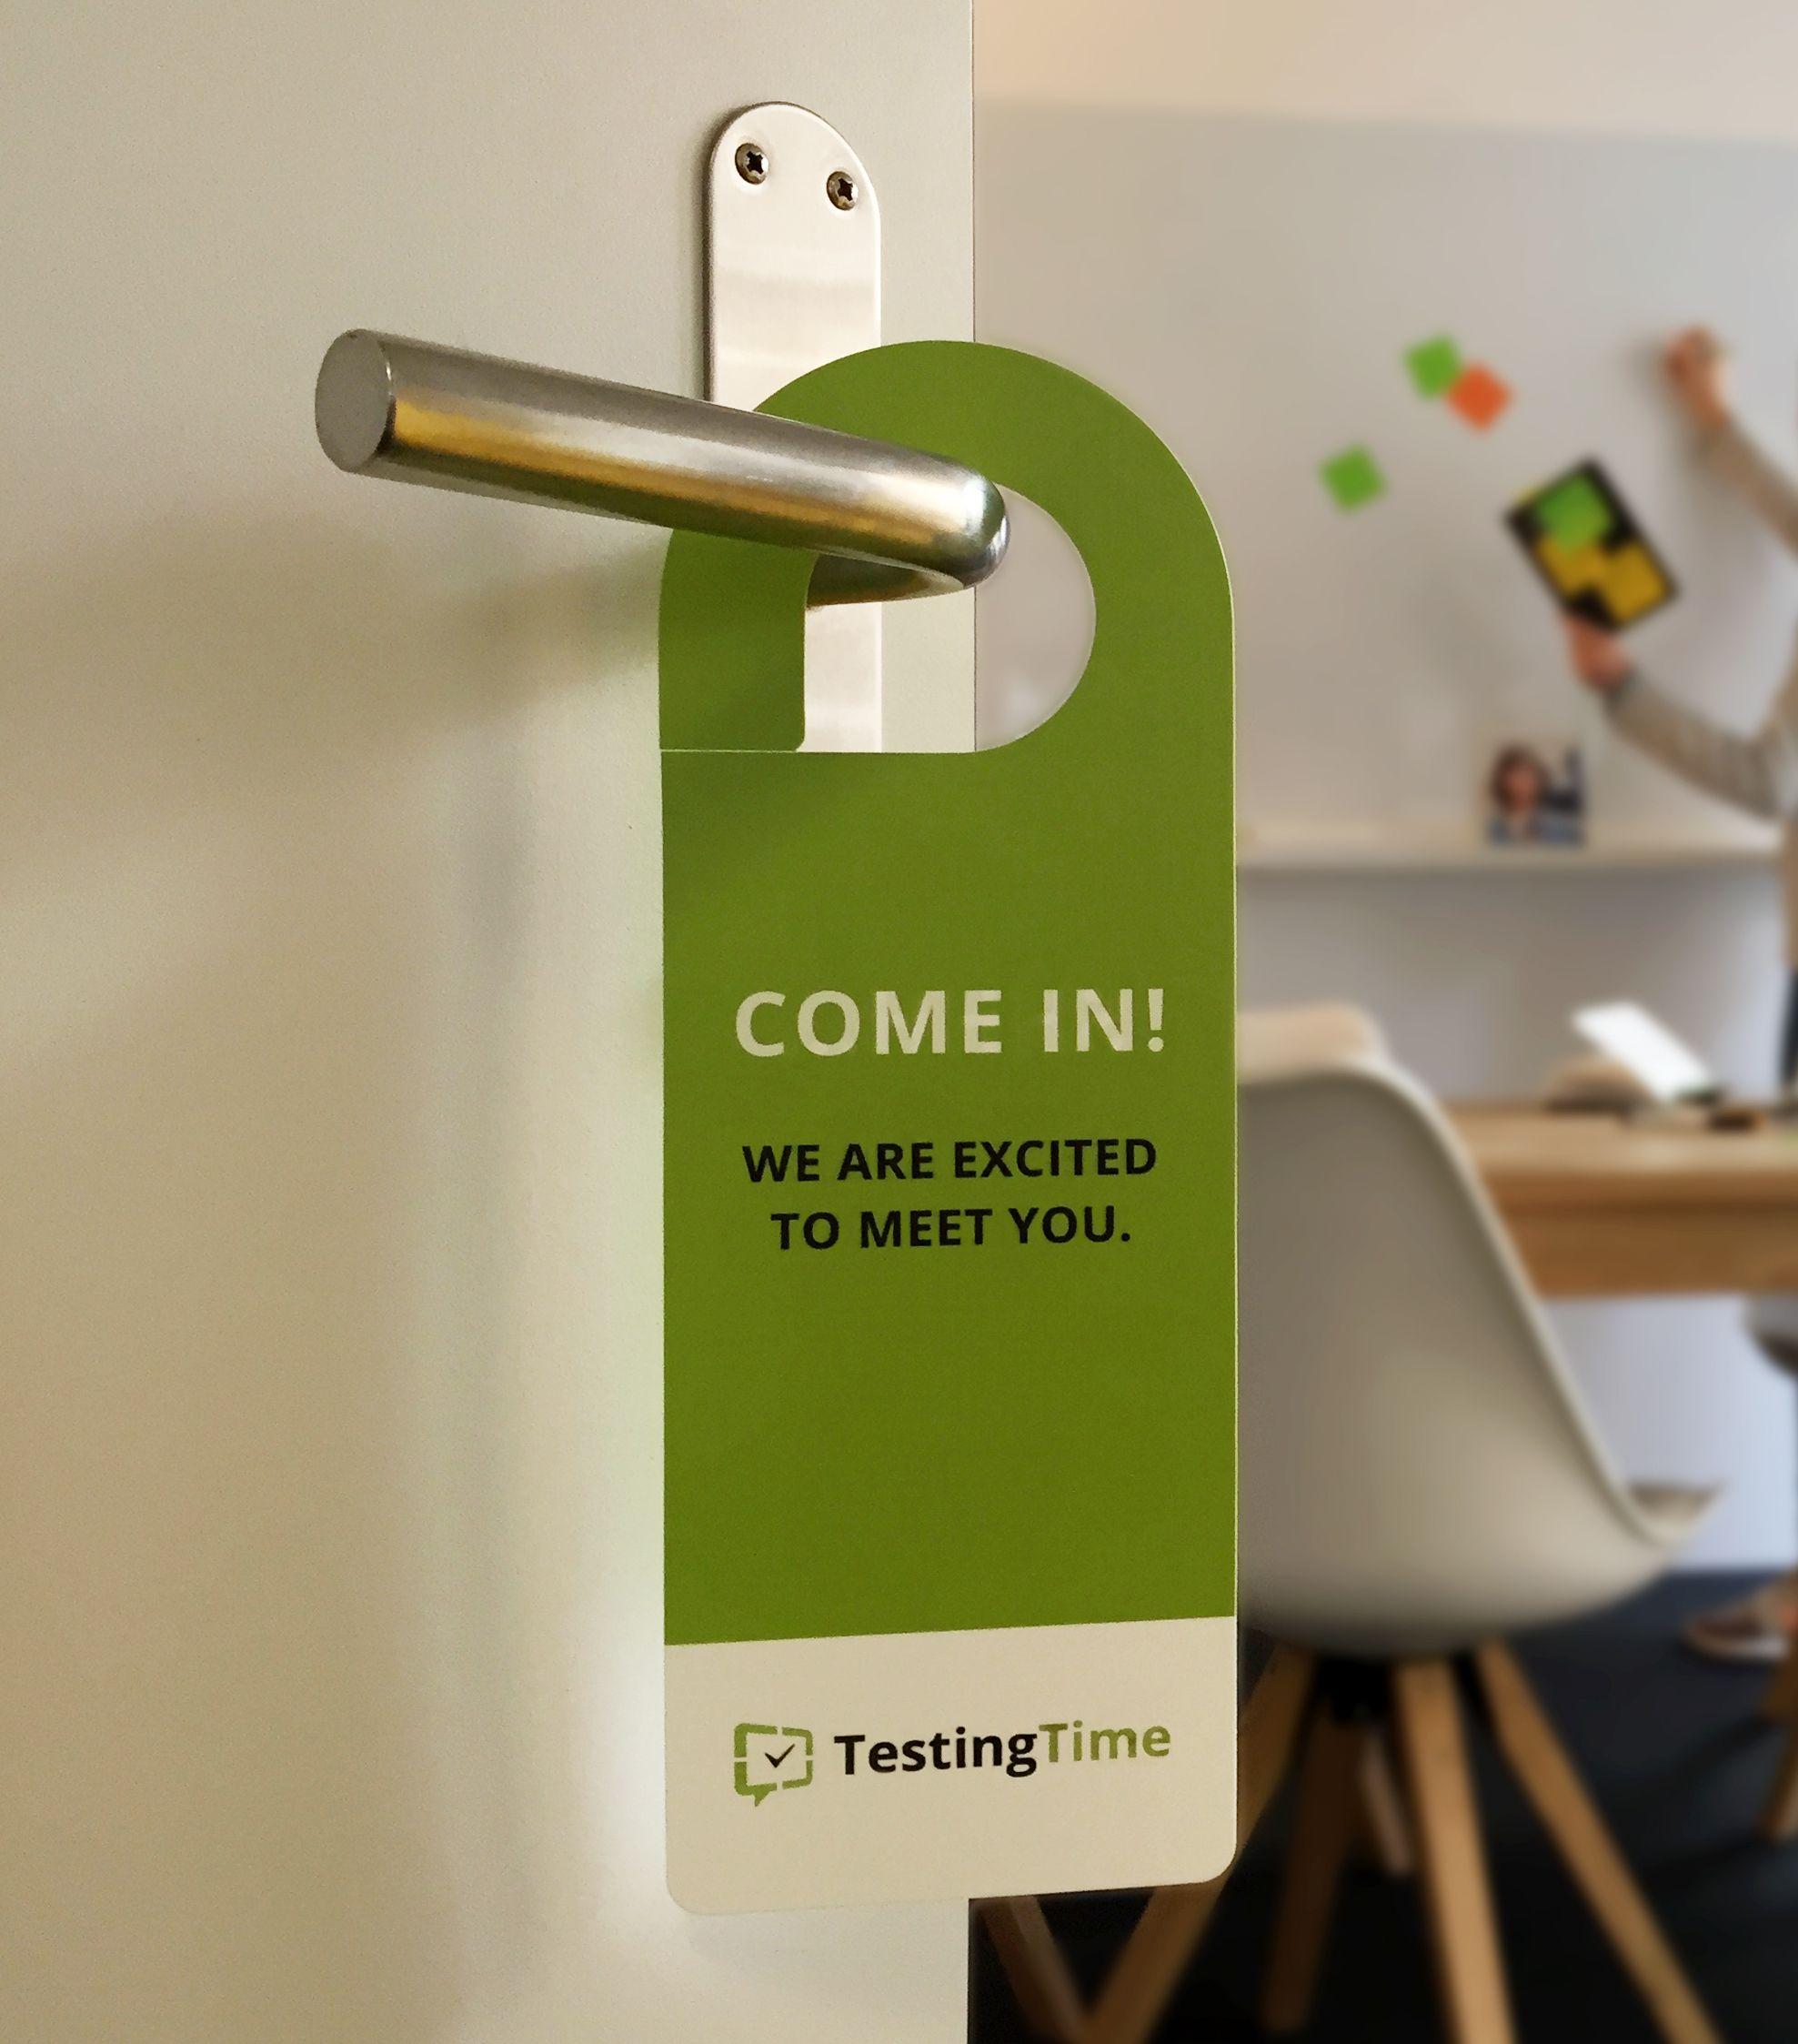 TestingTime door hanger